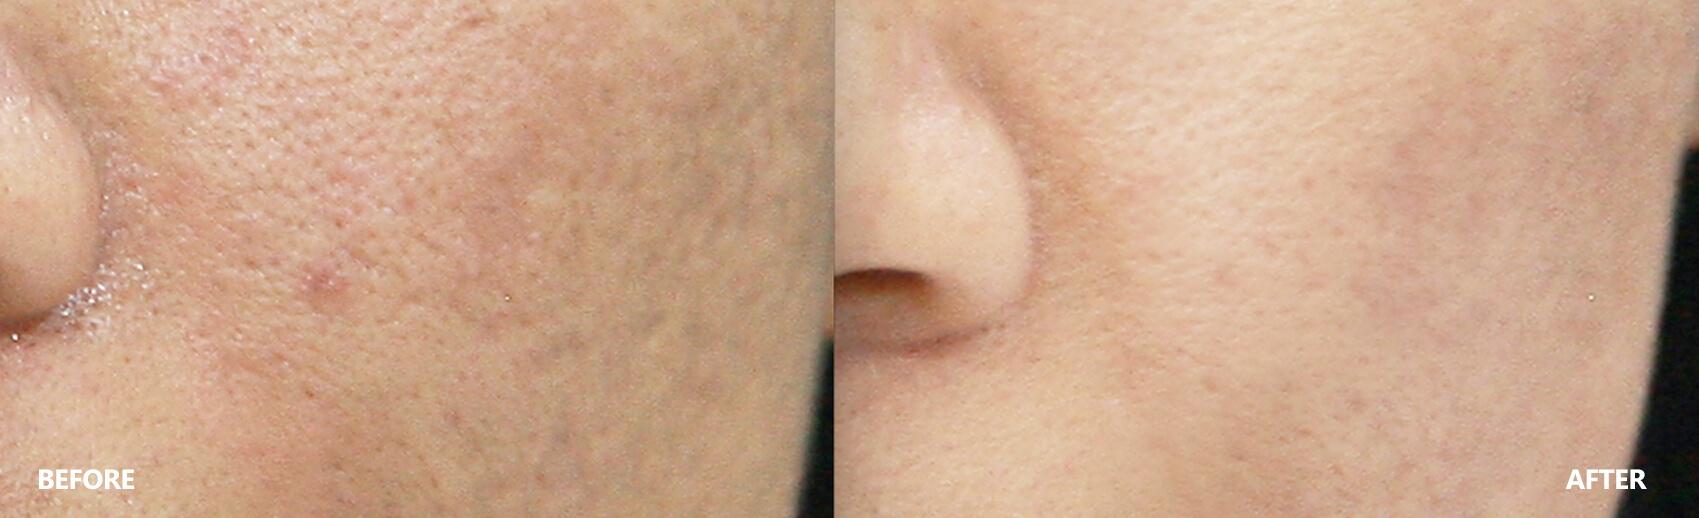 scar-result-2